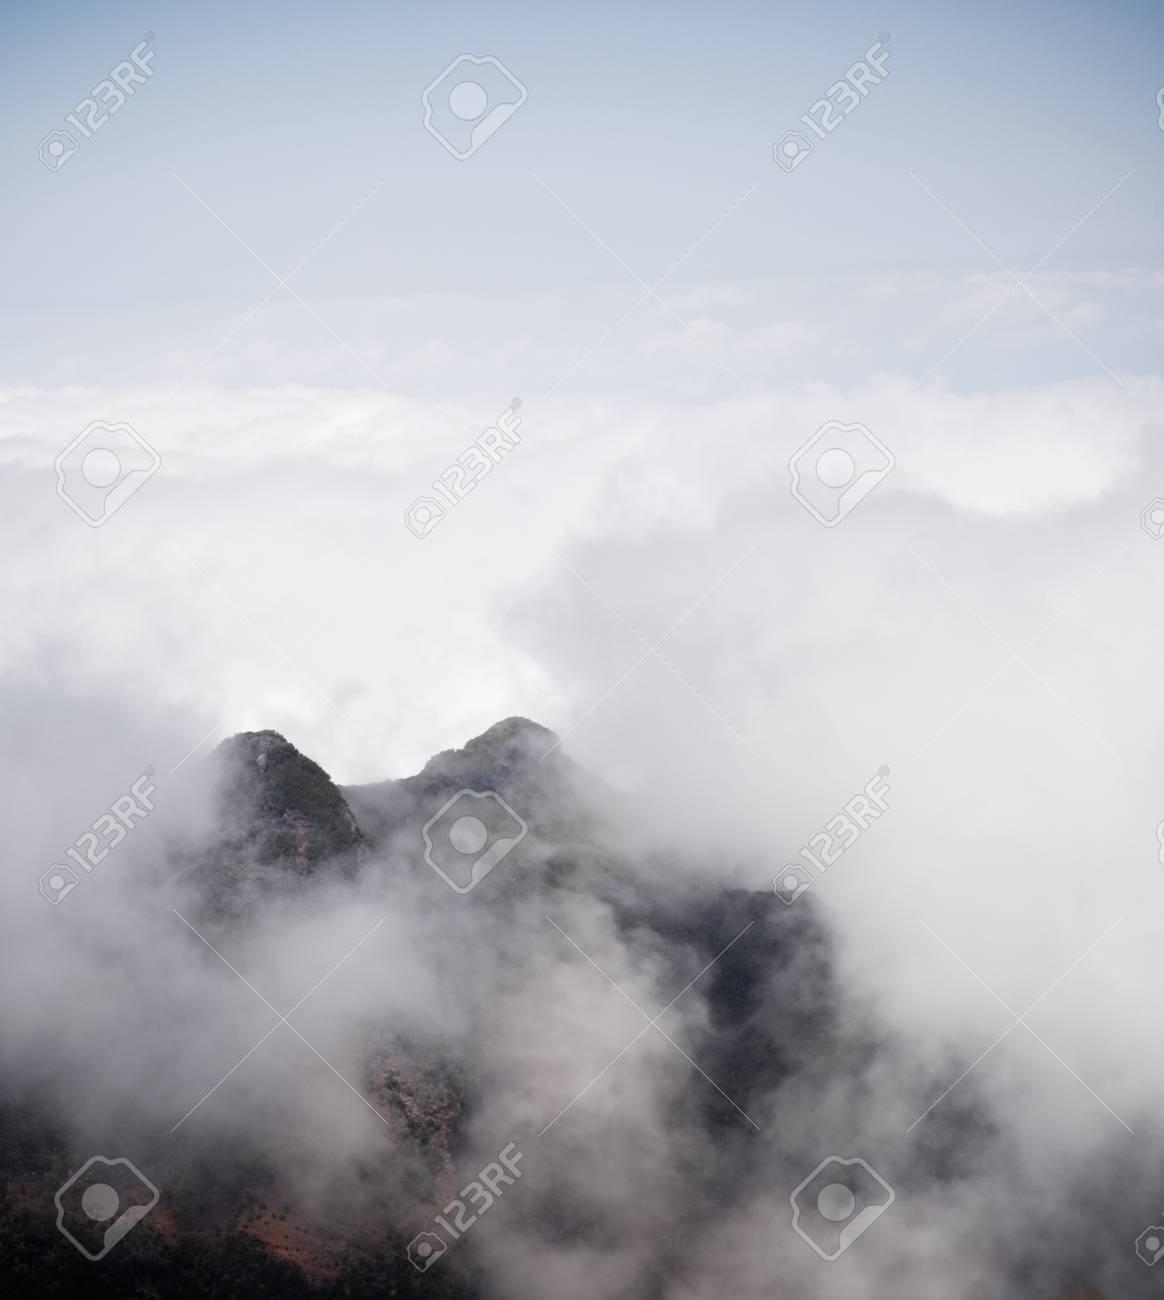 LONE WOLF - Loup Solitaire D20 56885038-collines-et-brouillard-sur-l-%C3%AEle-de-mad%C3%A8re-portugal-